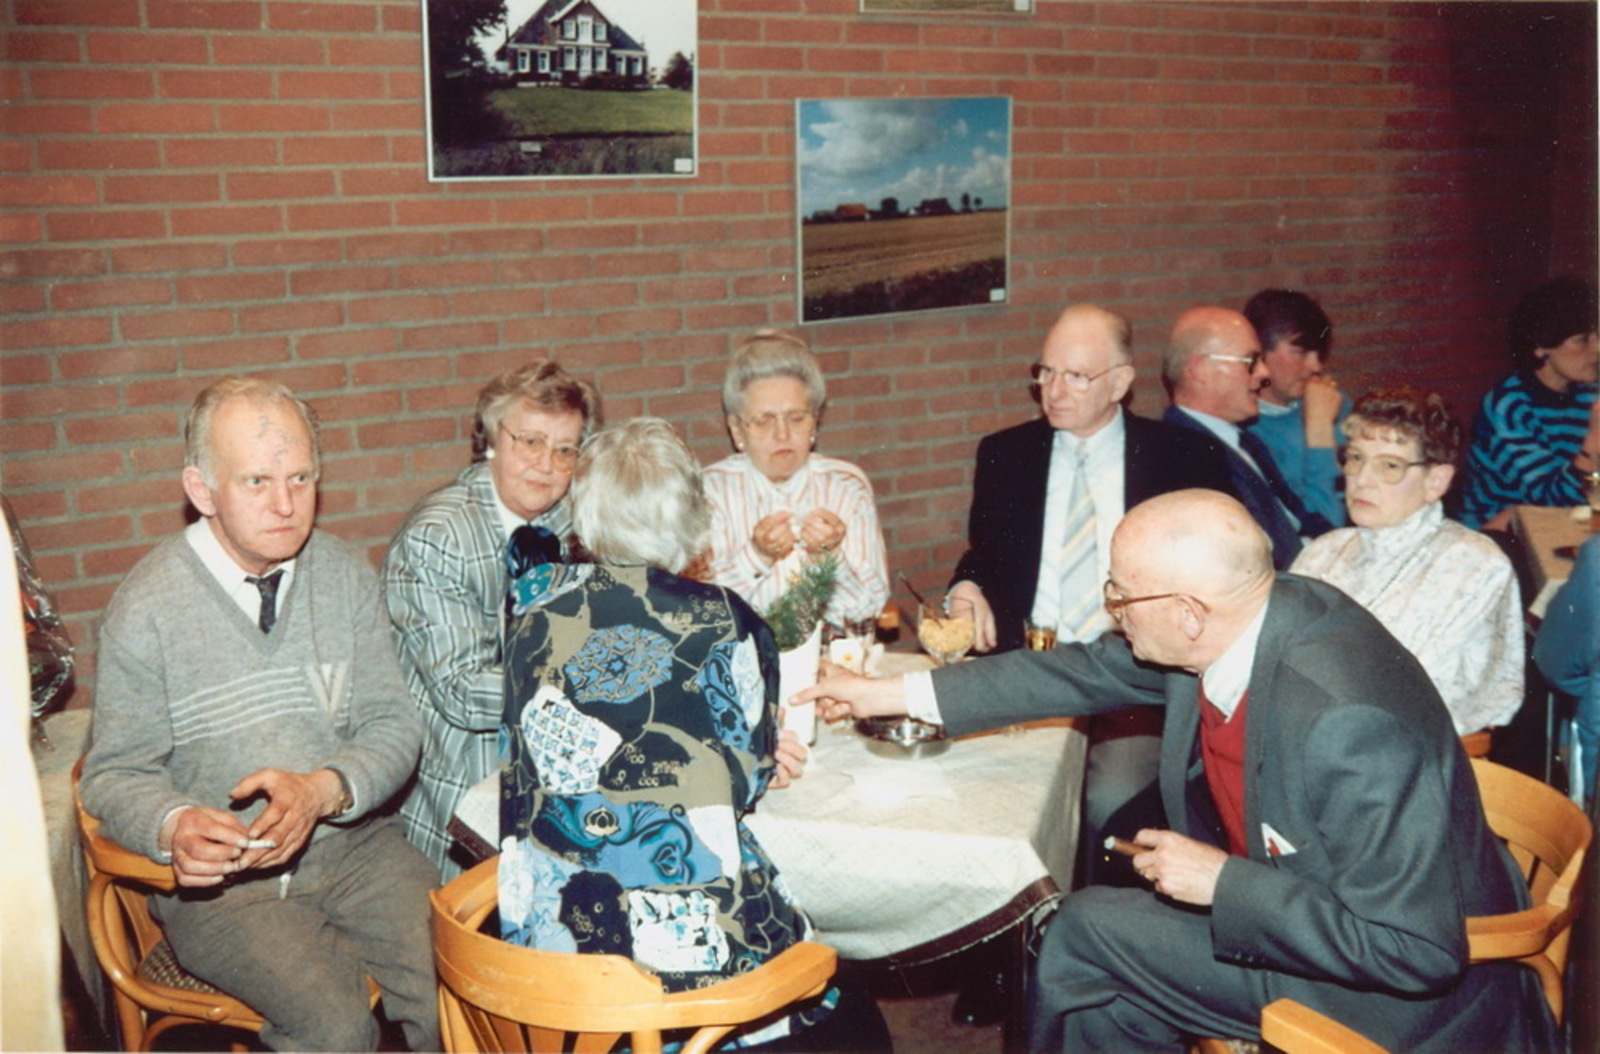 Marktlaan O 0022 1988 Sigarenboer Kraak 50jr Jub en Sluiting 59